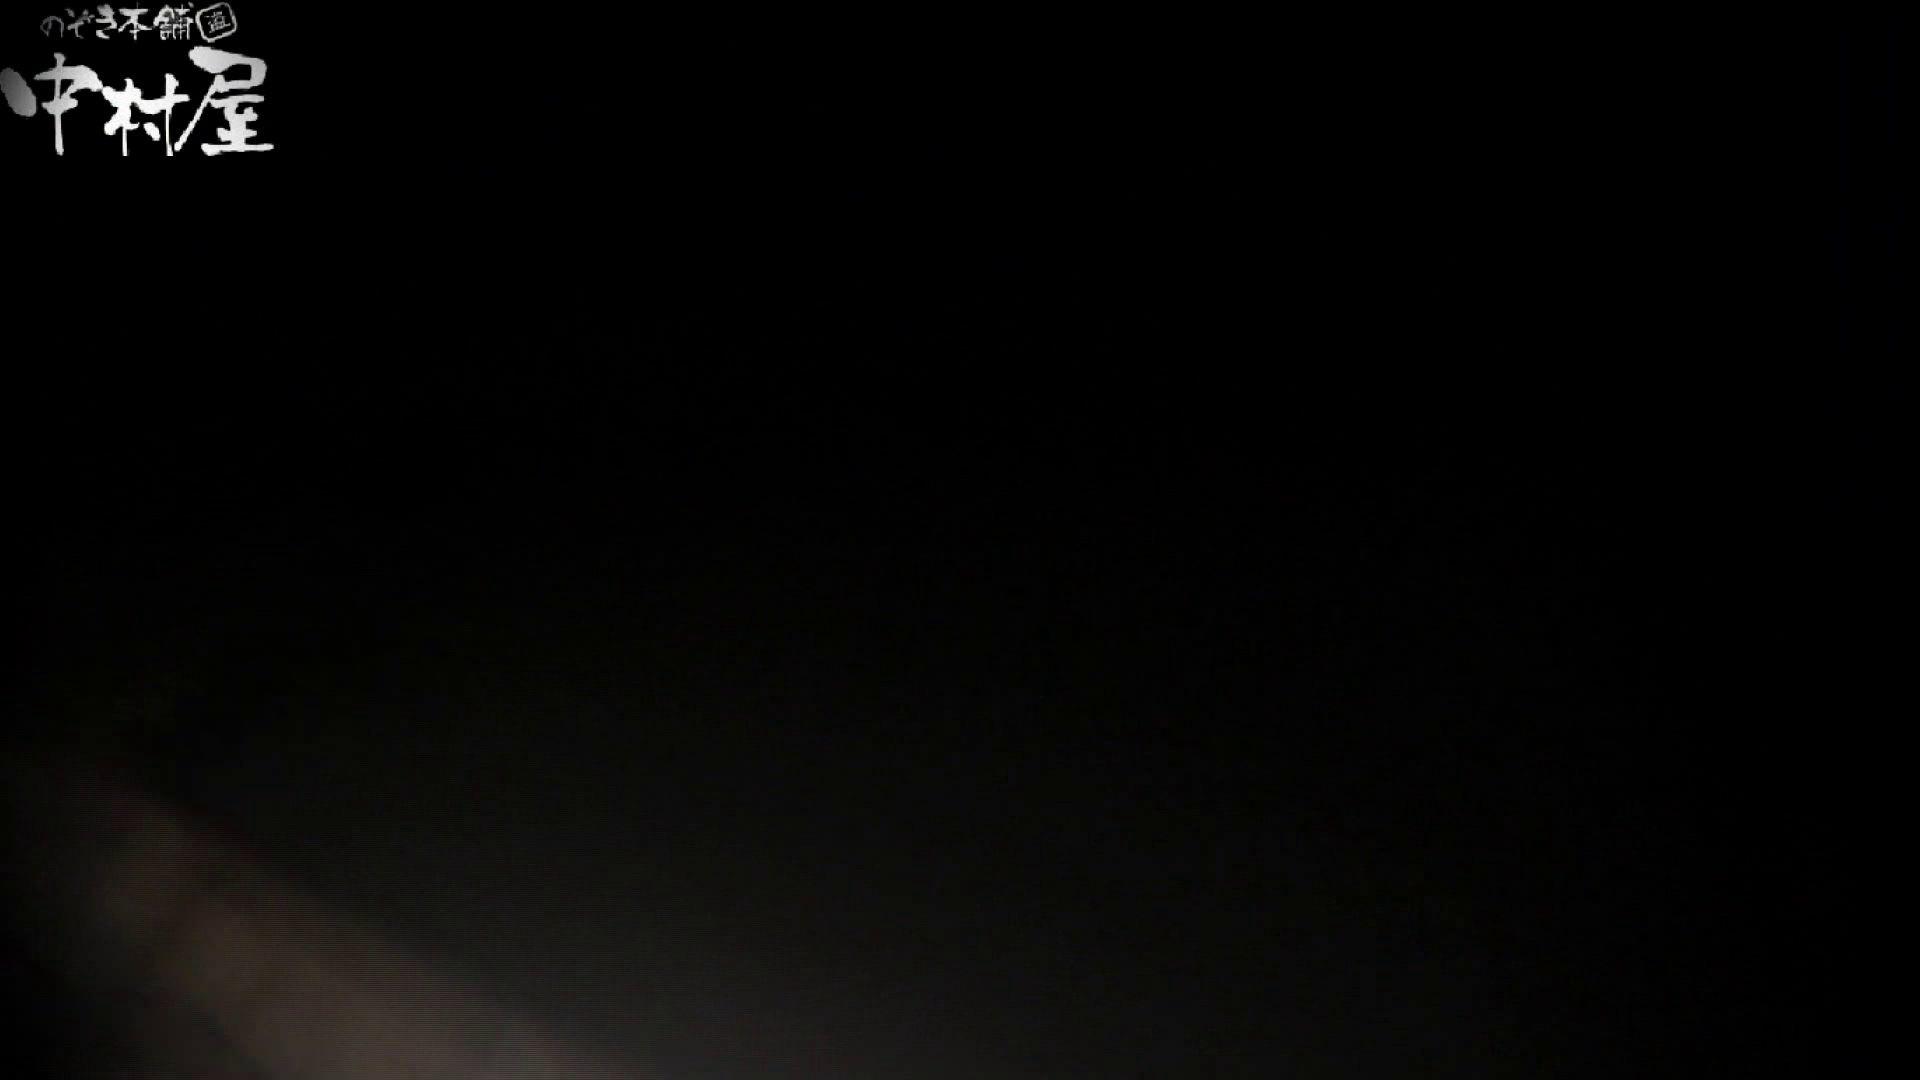 世界の射窓から~ステーション編vol.38 画質格段にUP! おまんこ見放題 | 盗撮シリーズ  94PIX 5